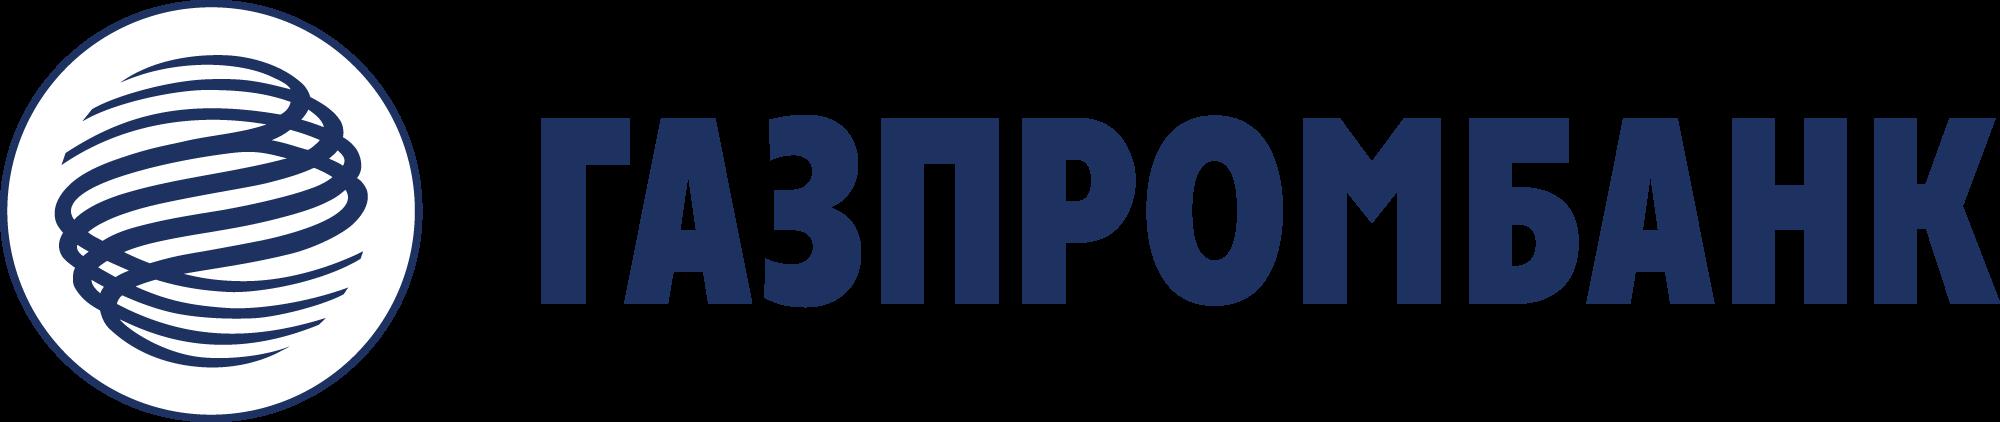 Газпромбанк с помощью Tarantool ускорил работу внутренних систем в 50 раз